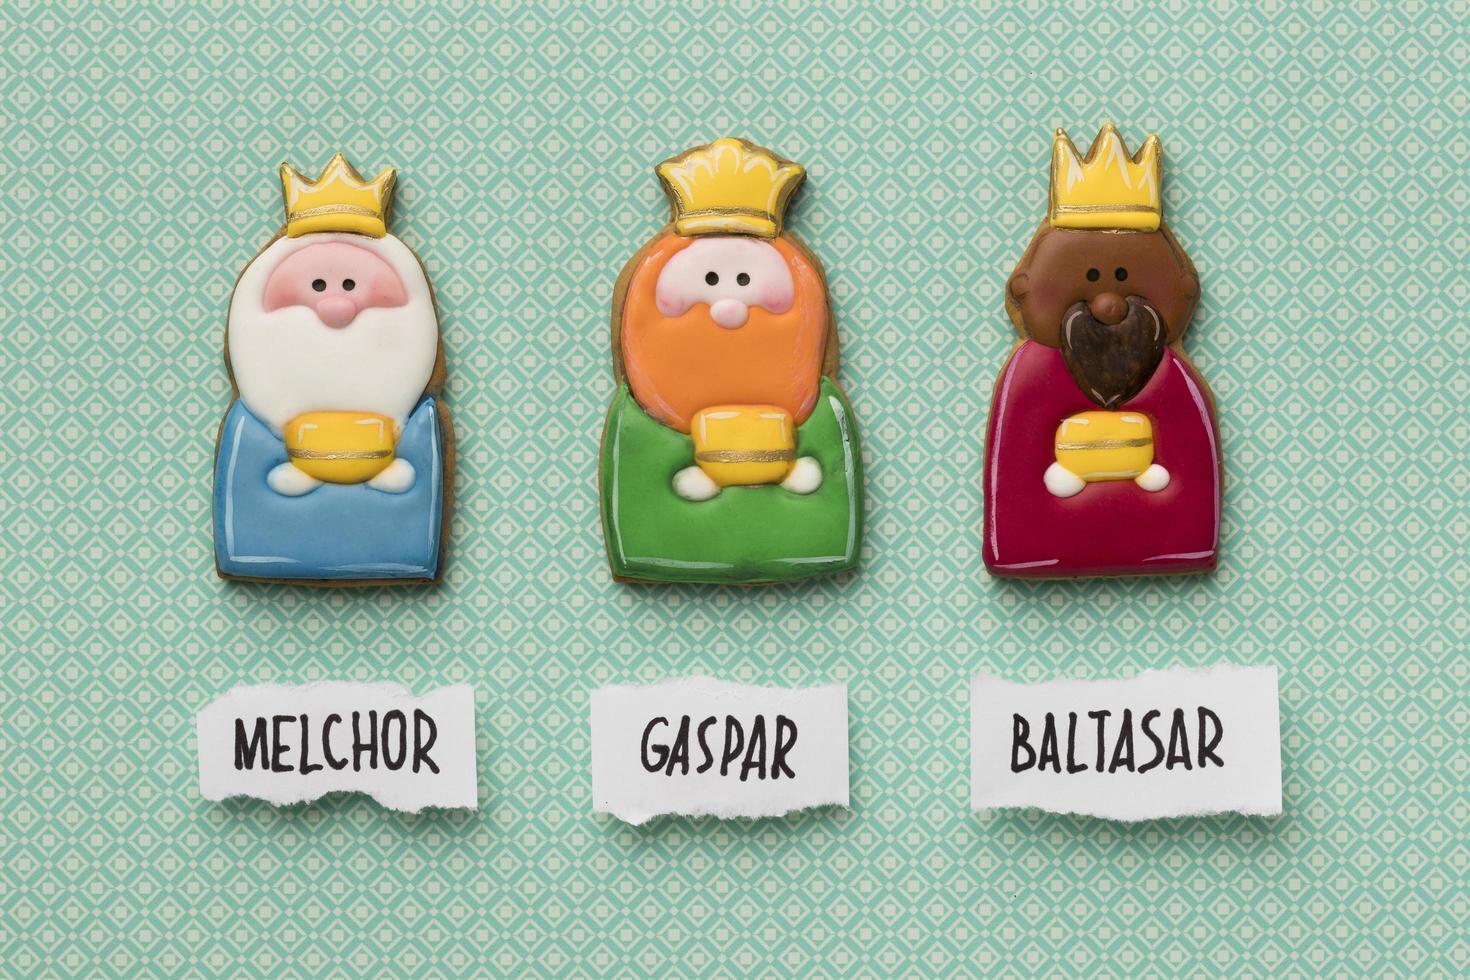 tres reyes con sus nombres foto